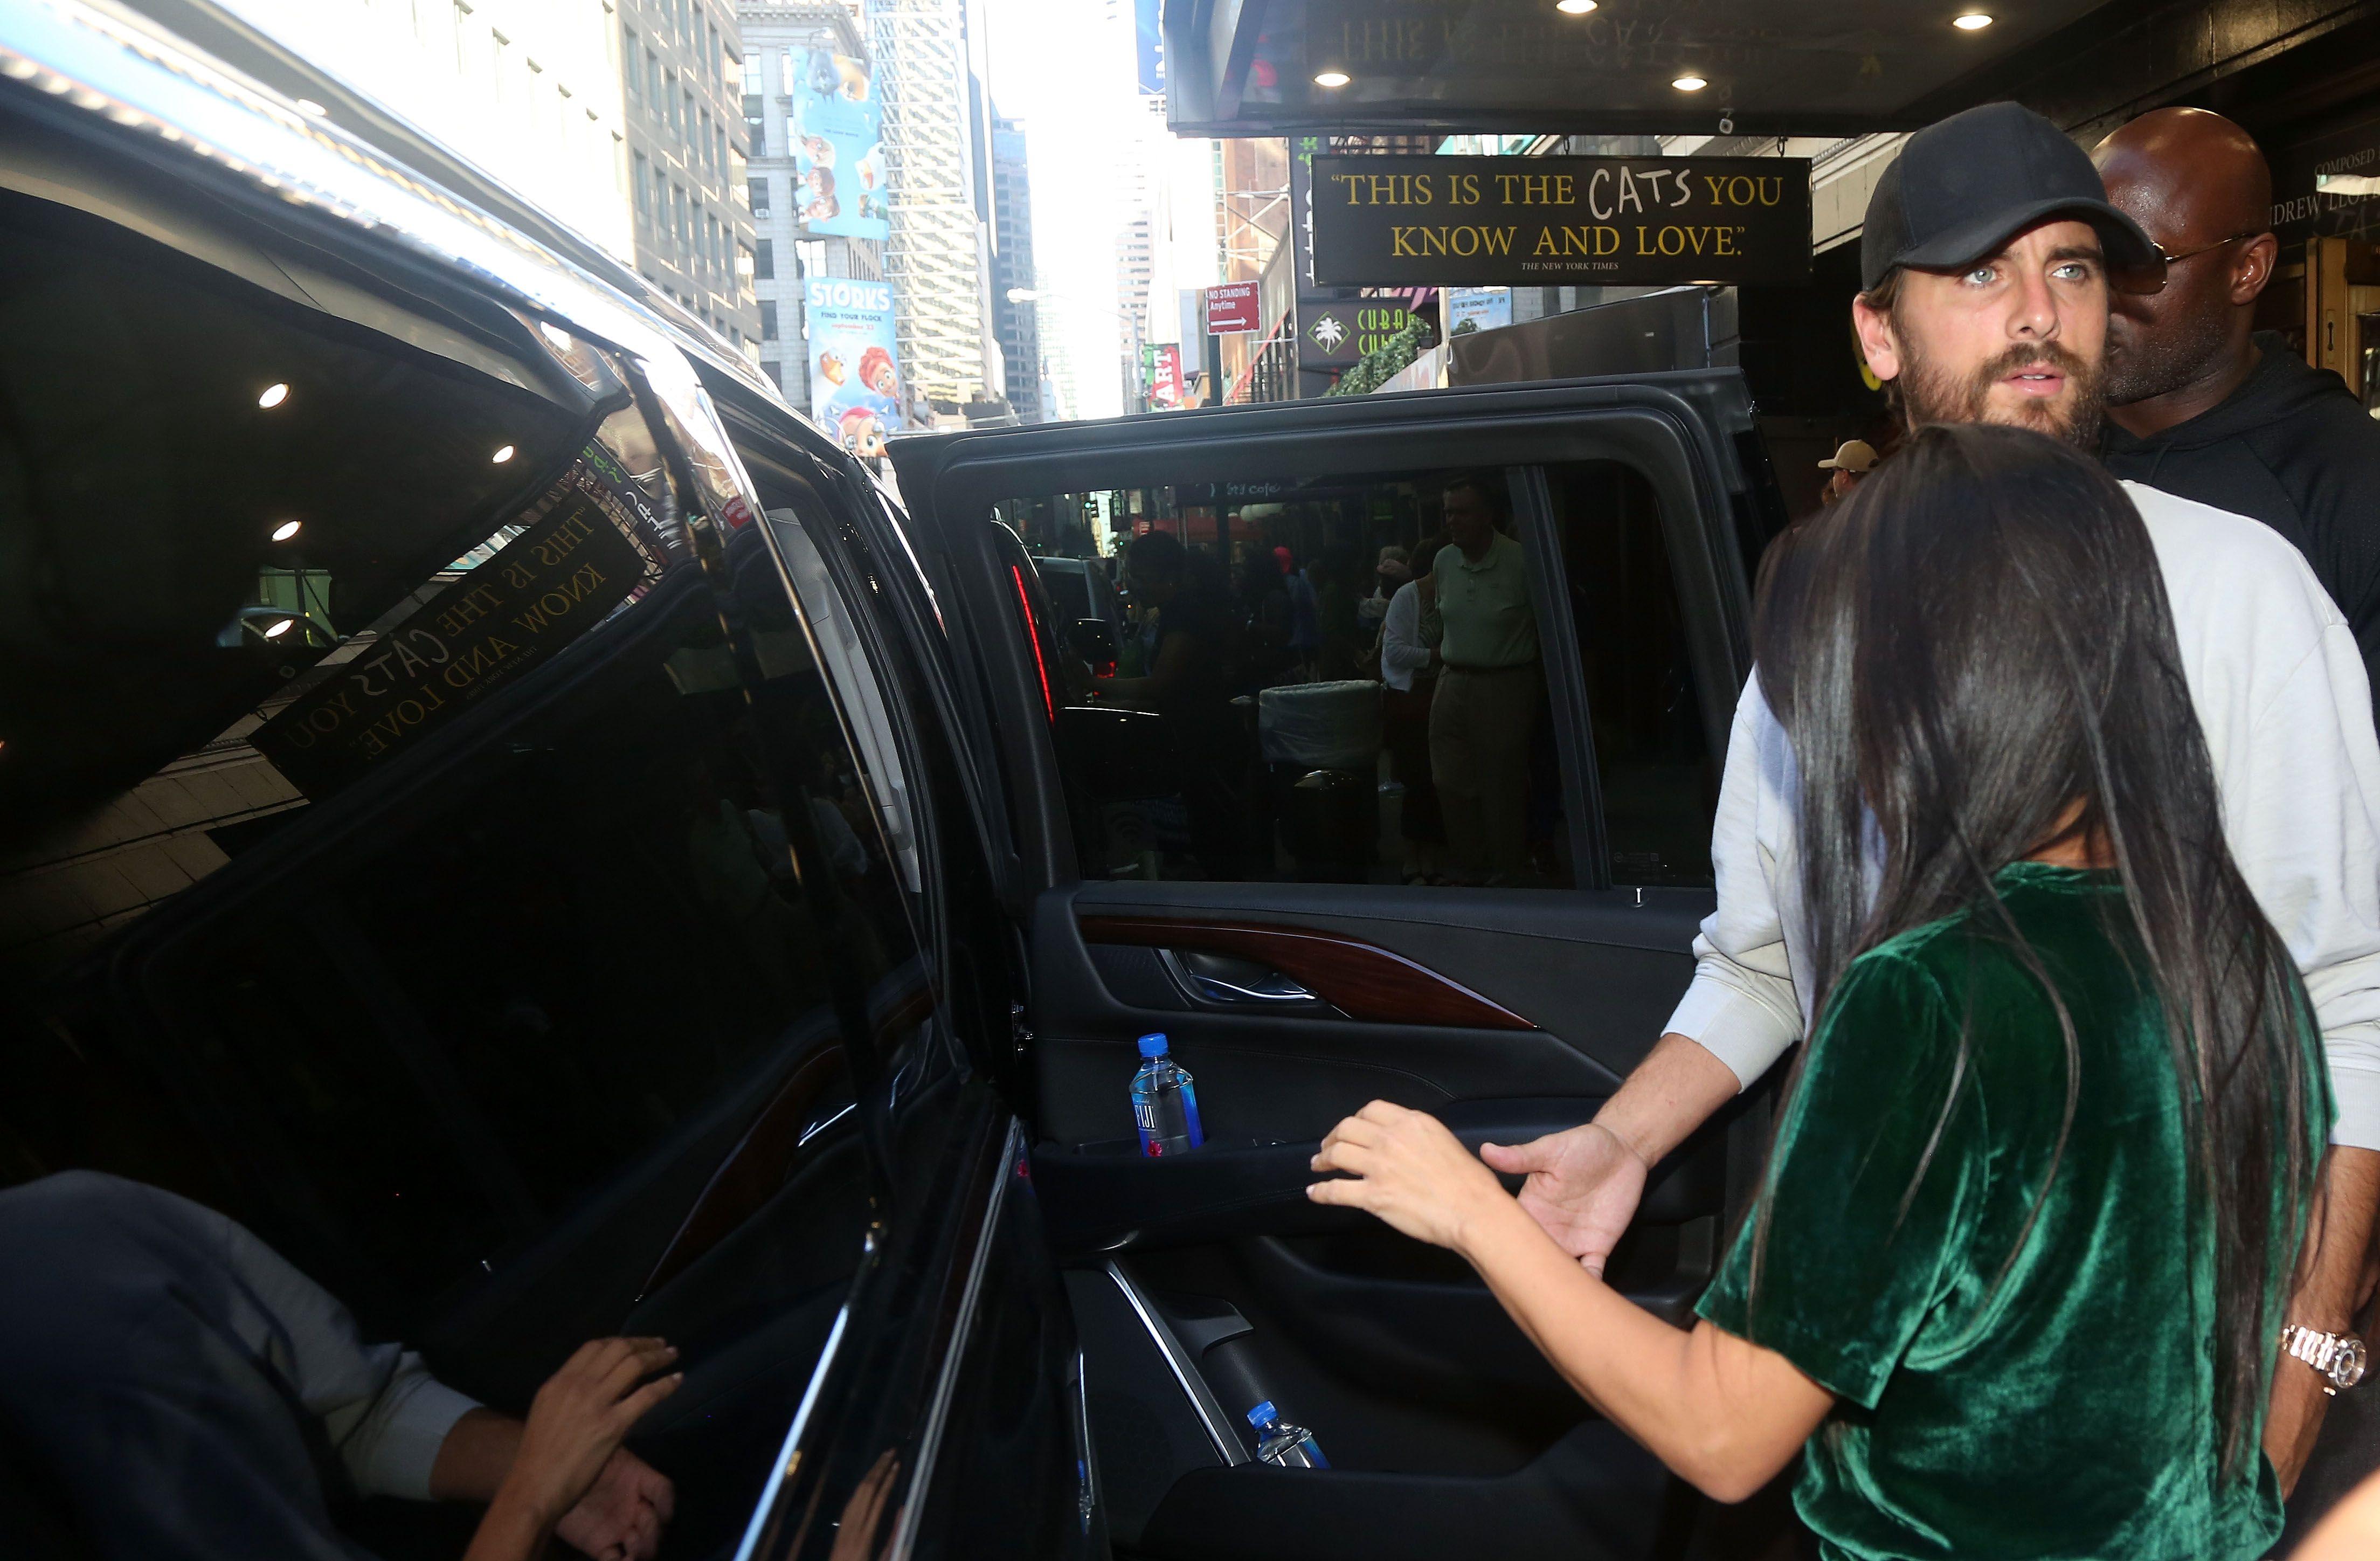 Scott Disick getting in a limo with Kourtney Kardashian